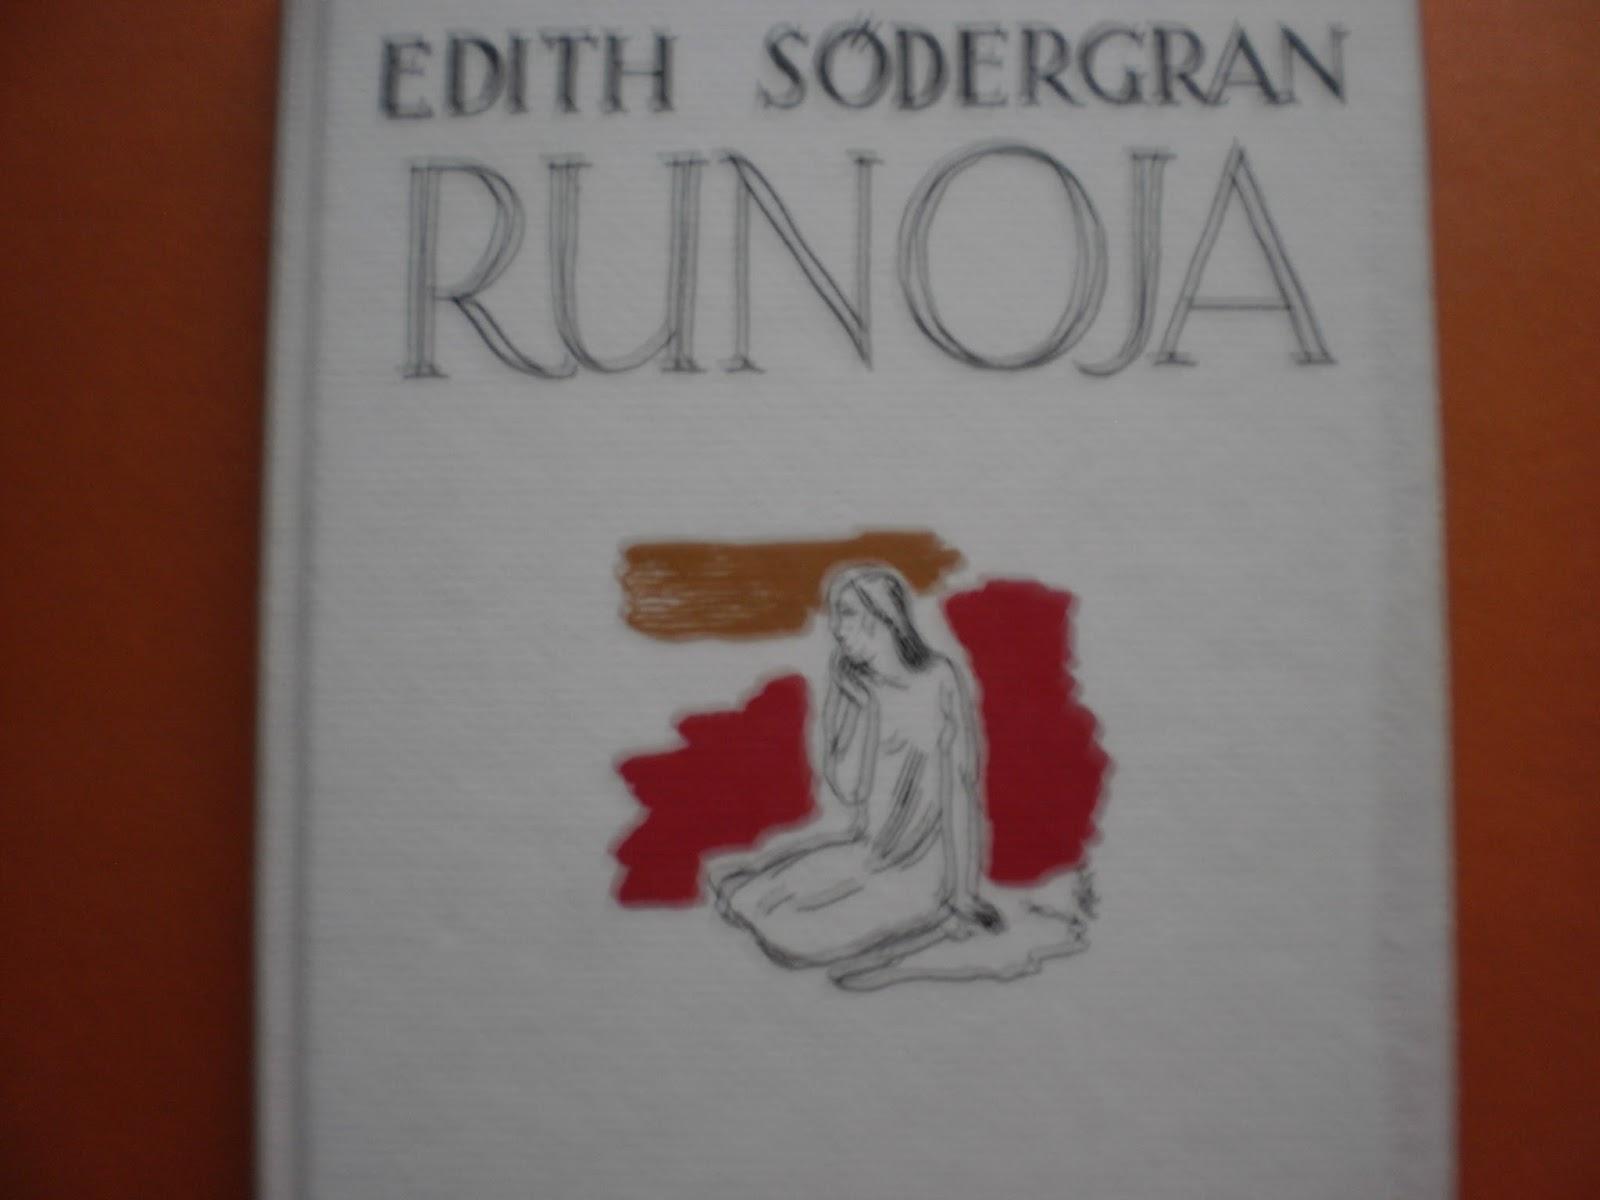 Edith Södergran Runoja